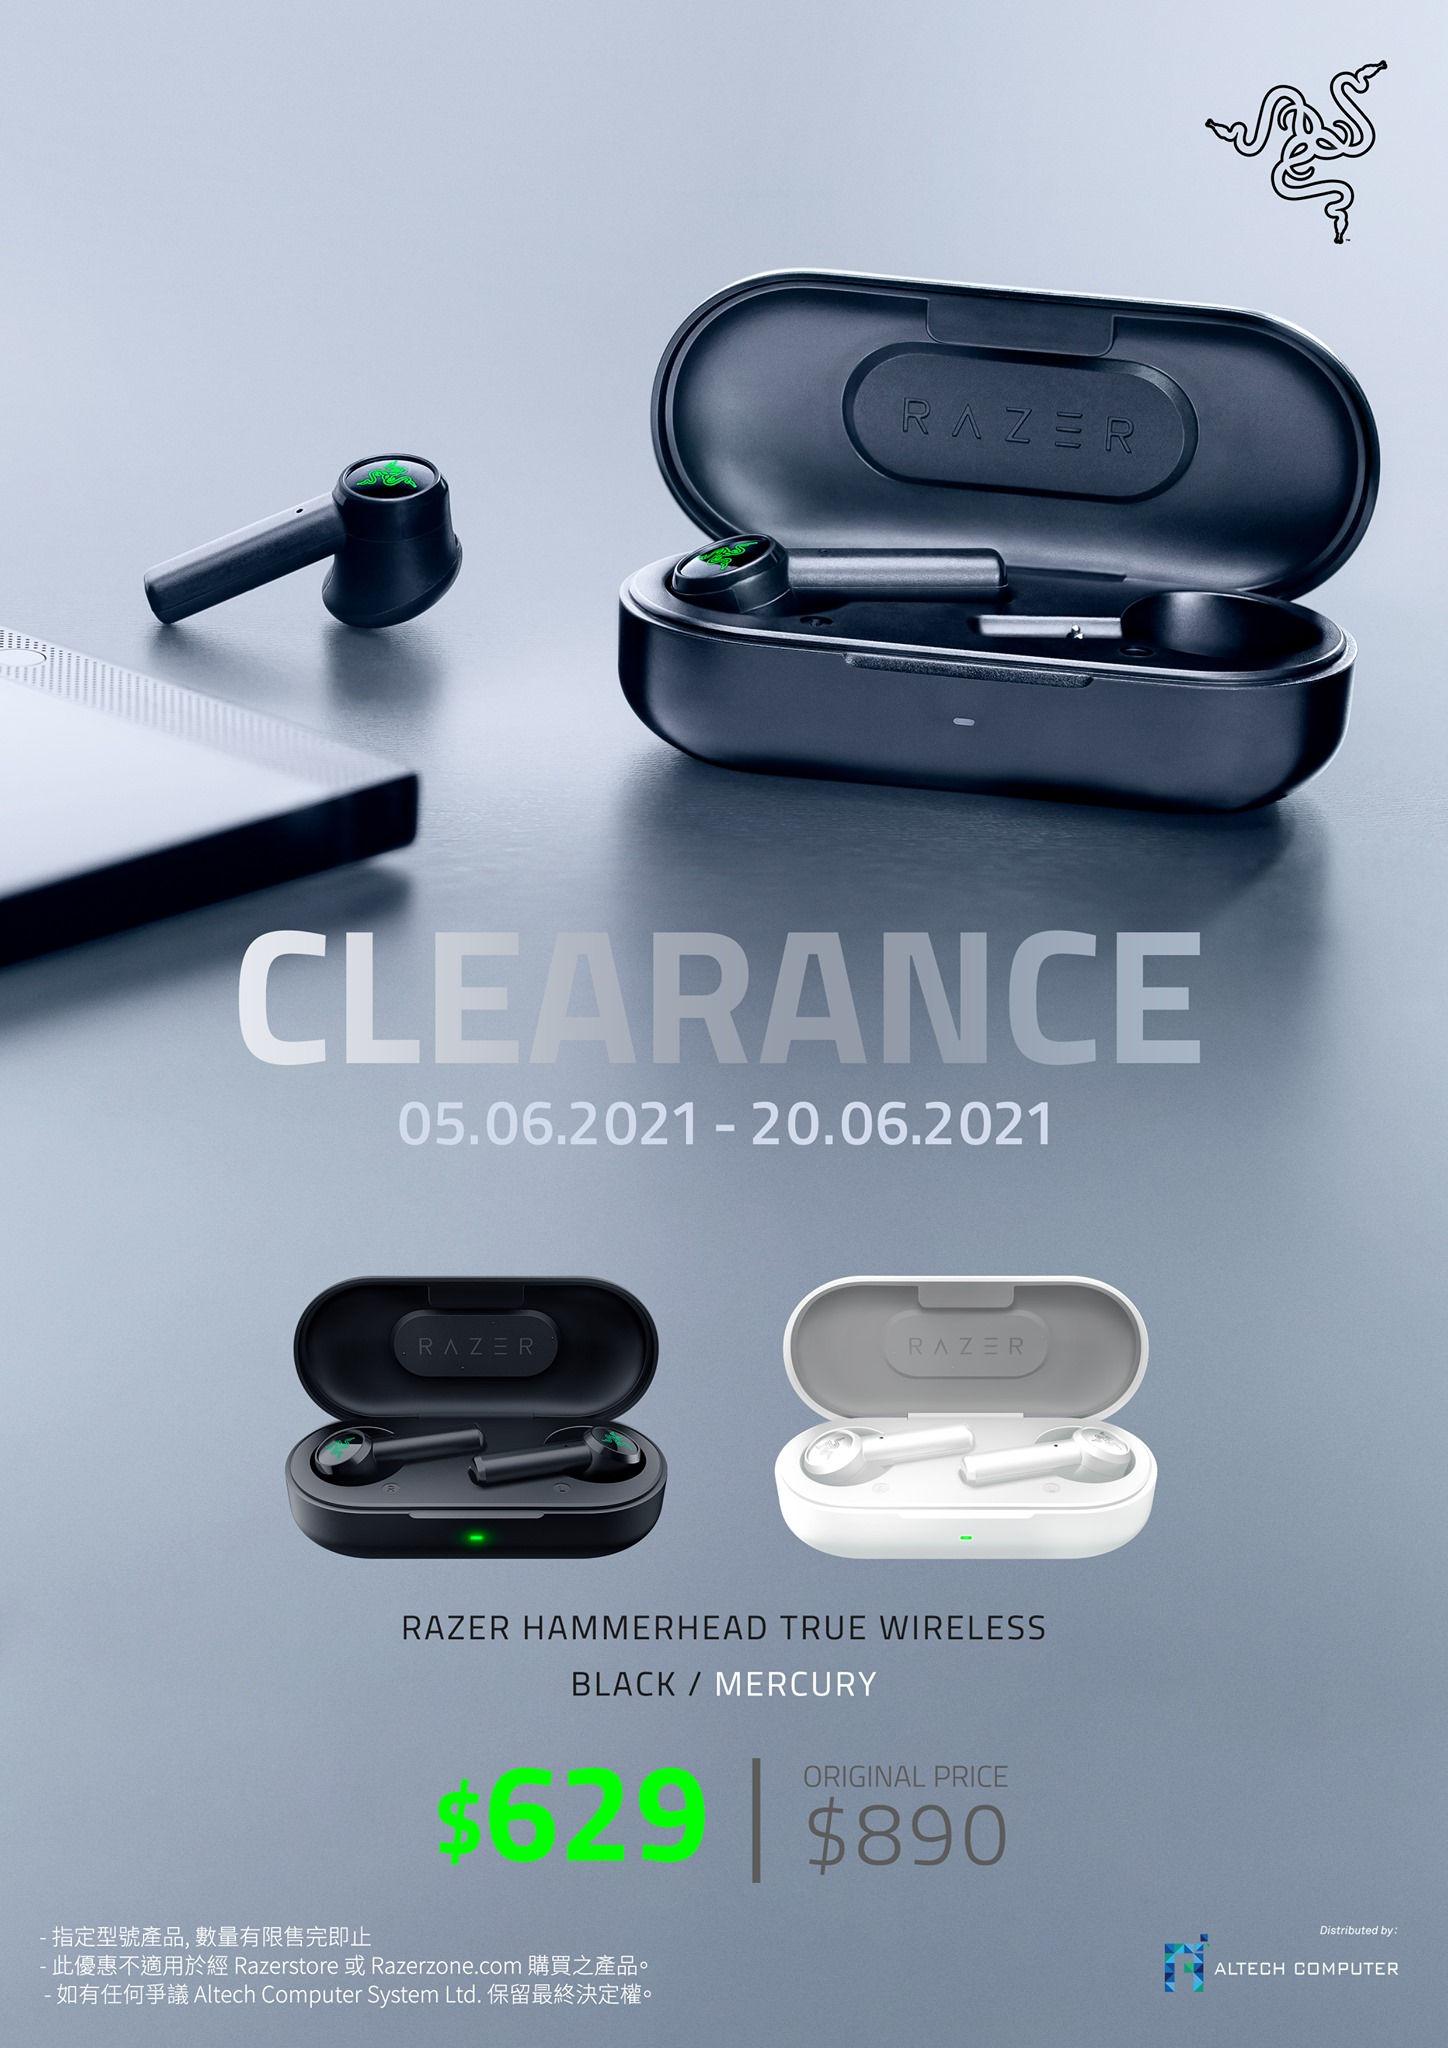 Hammerhead True Wireless Promo